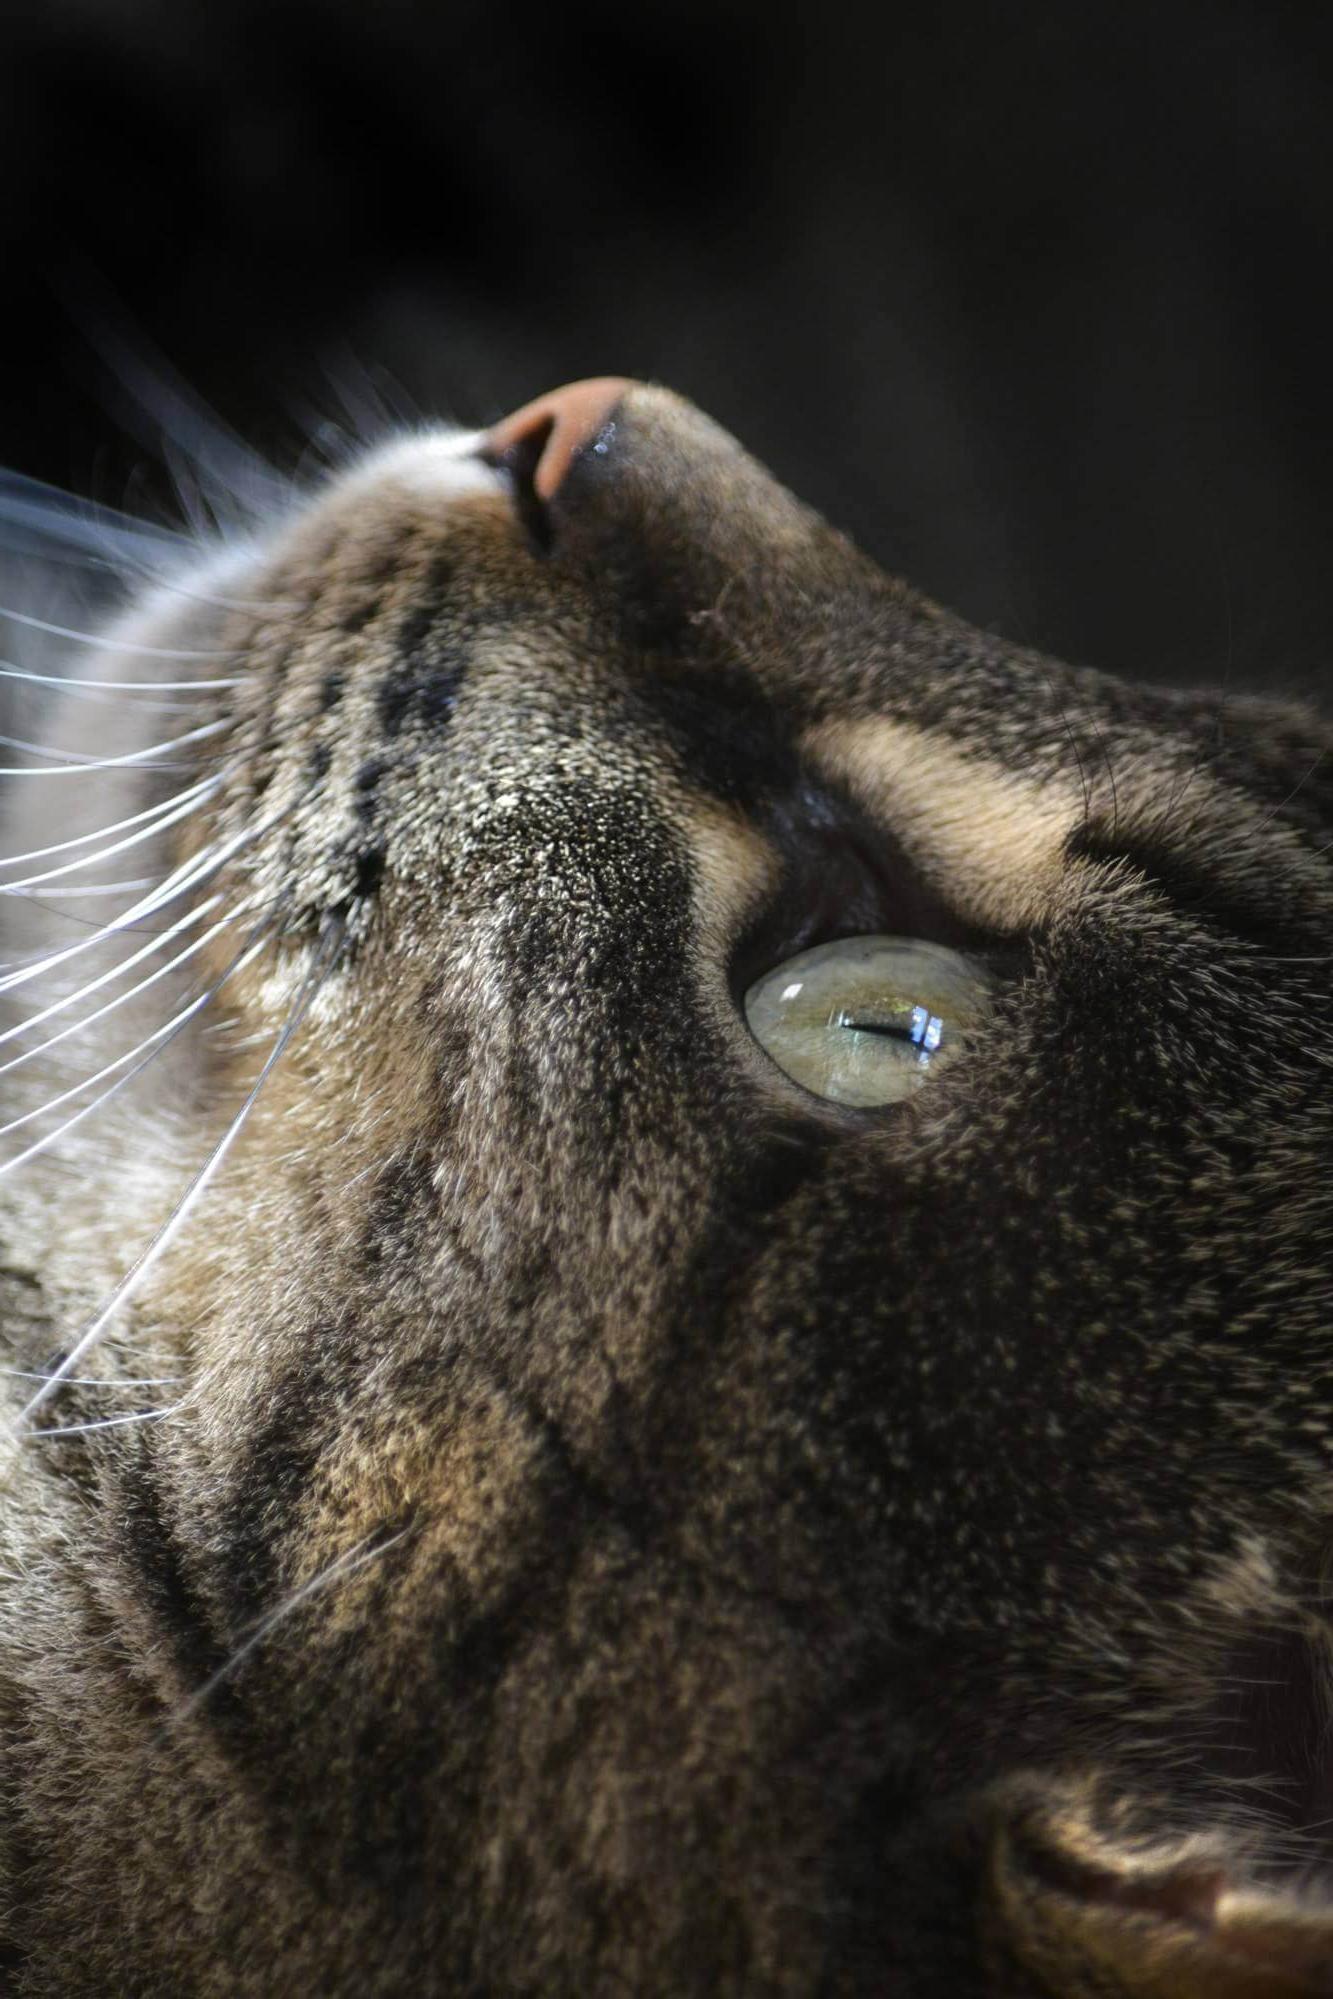 Photograph of Cat close up